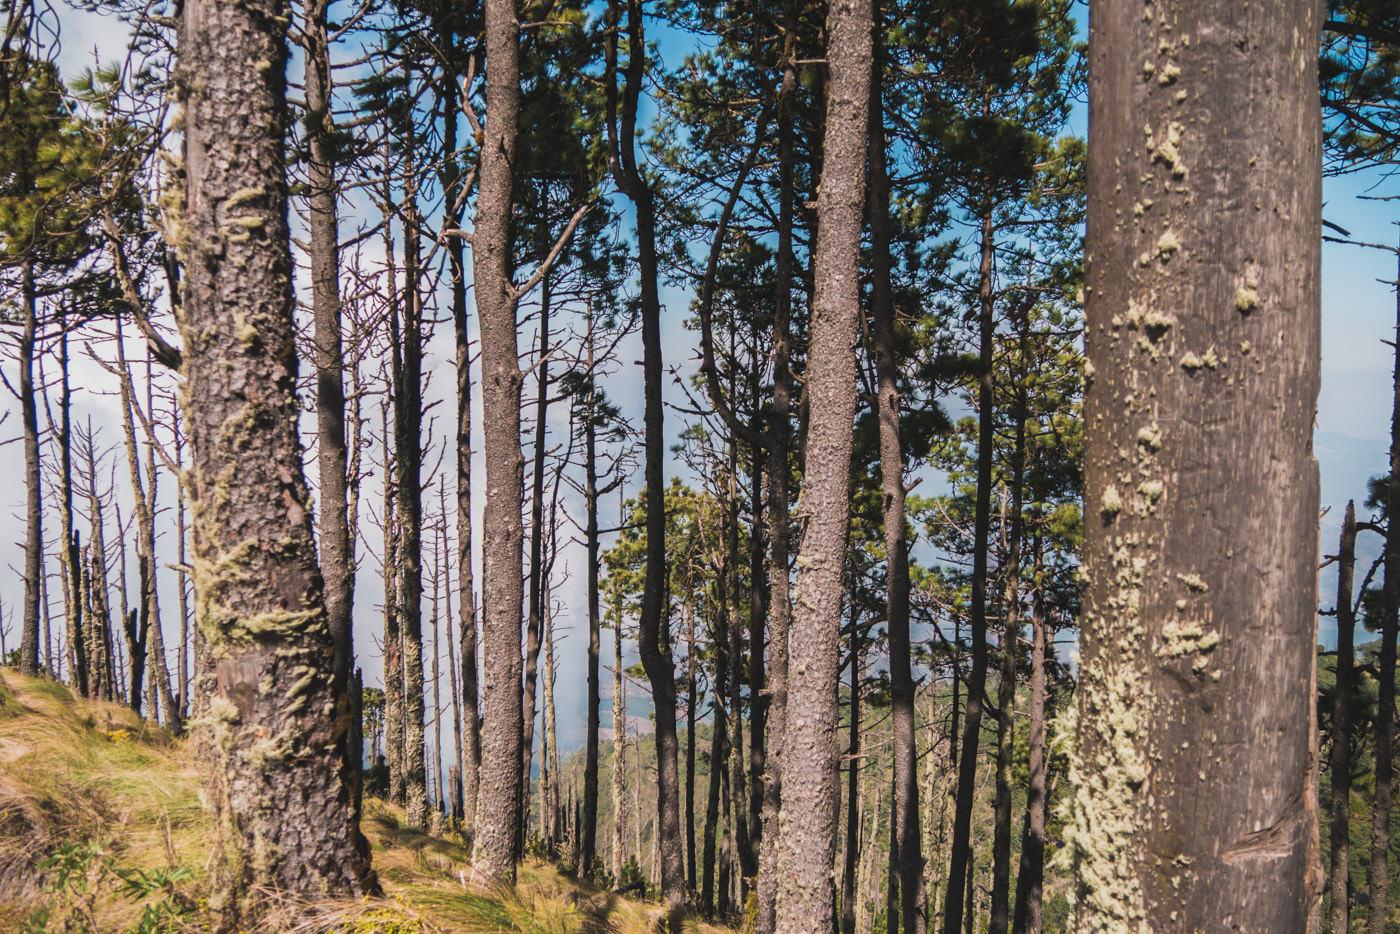 Waldstück auf dem Weg zum Basecamp des Acatenangos